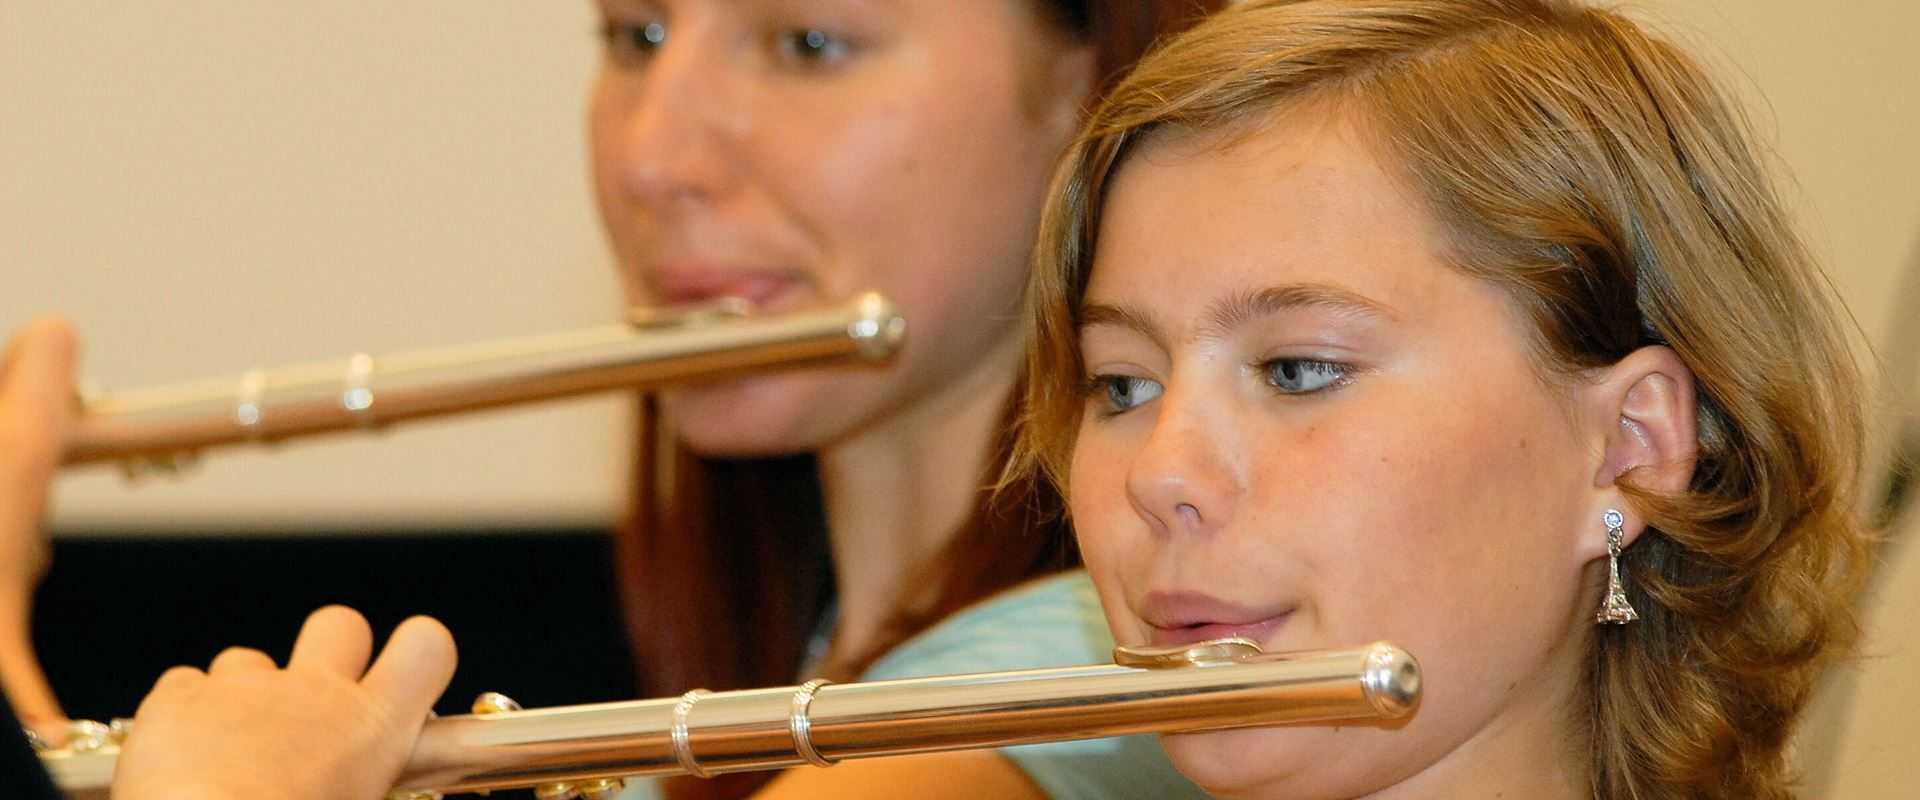 Querflötenunterricht in der Musikschule Bertheau & Morgenstern